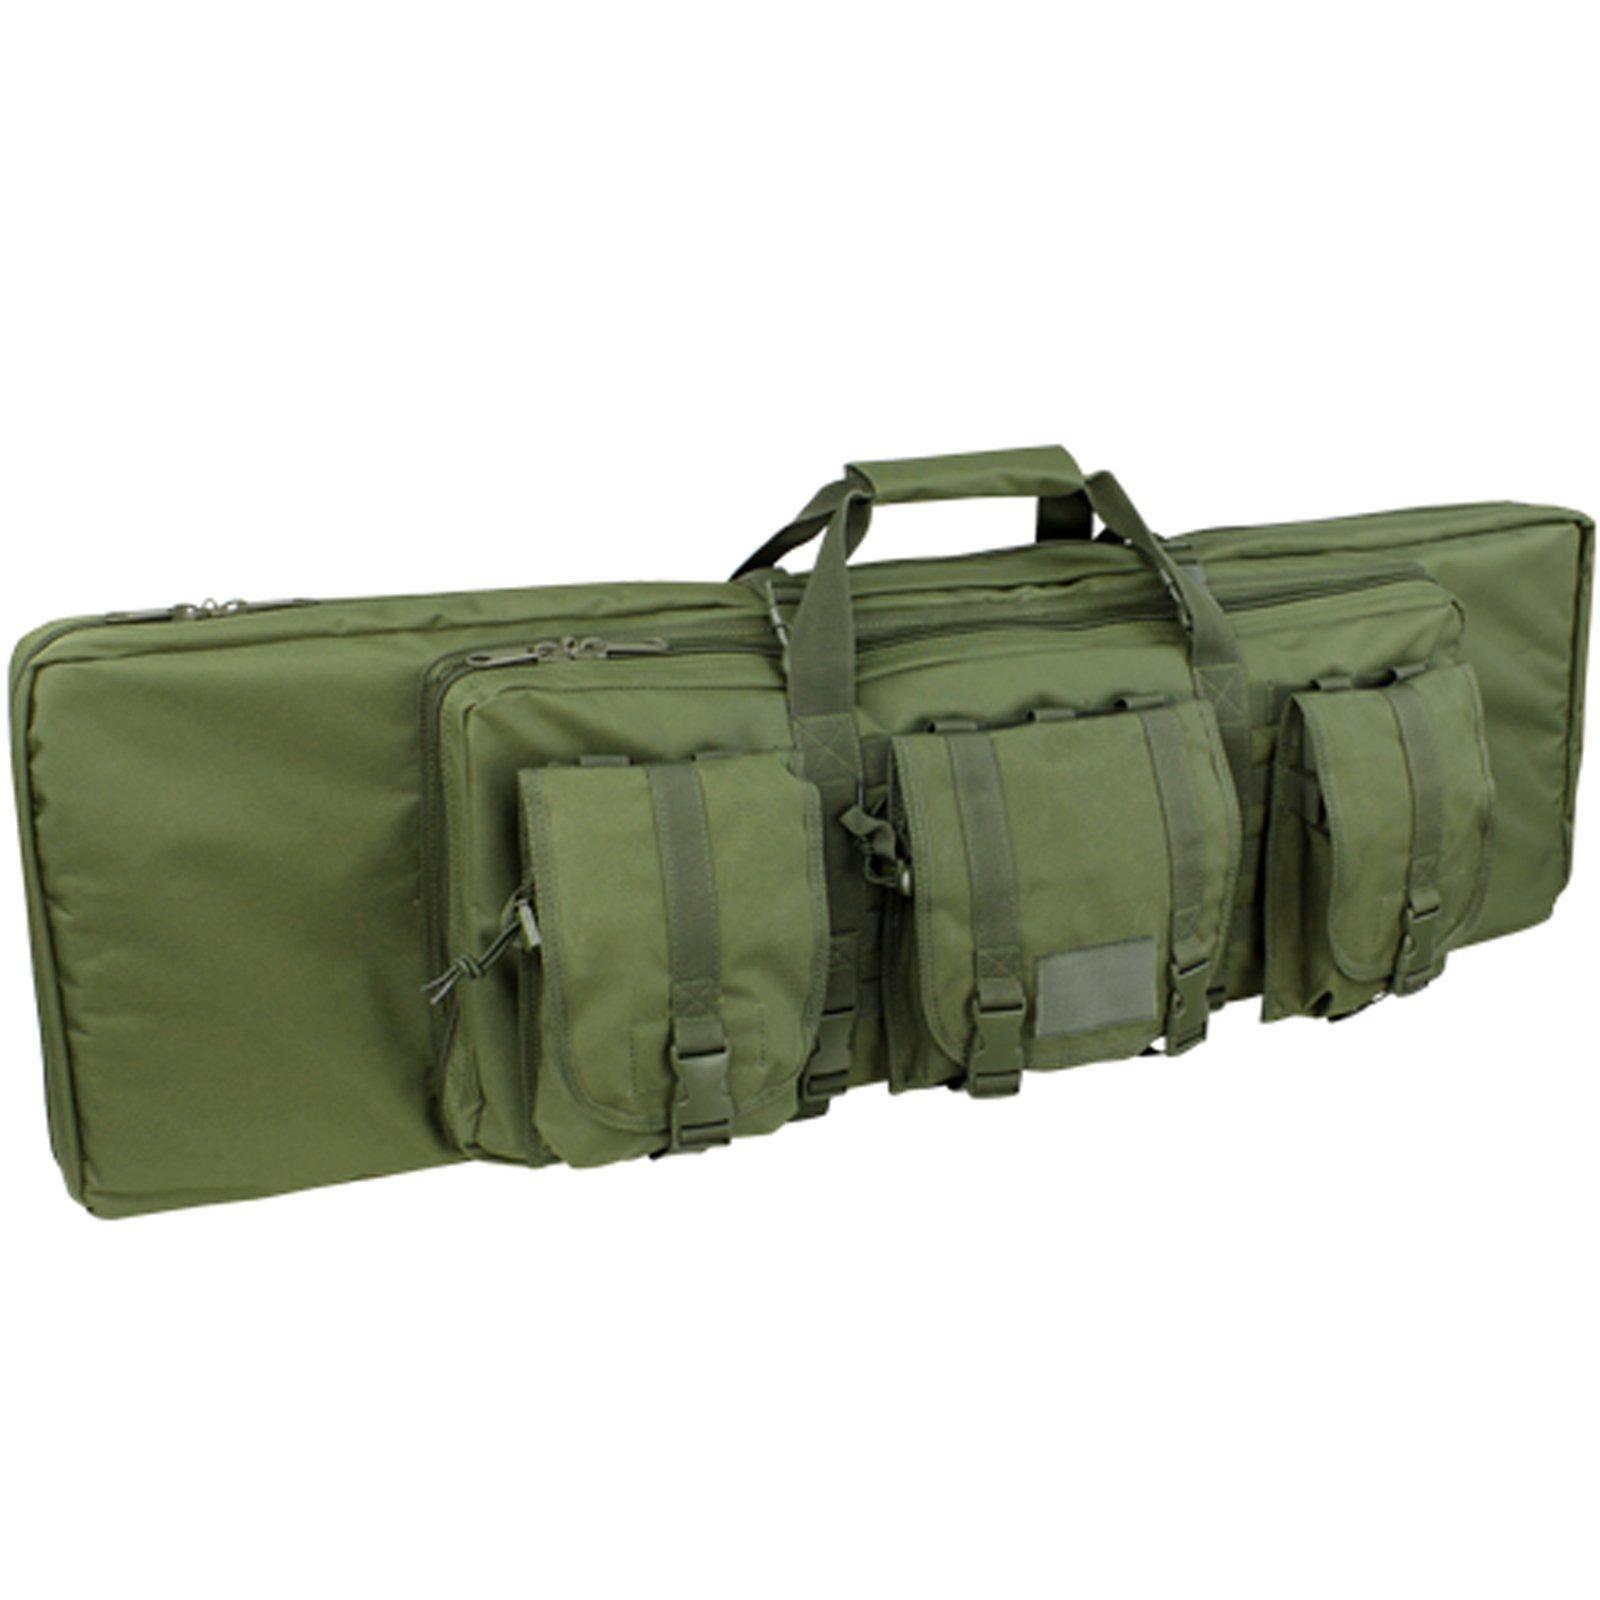 Condor 159 46'' Rifle Case